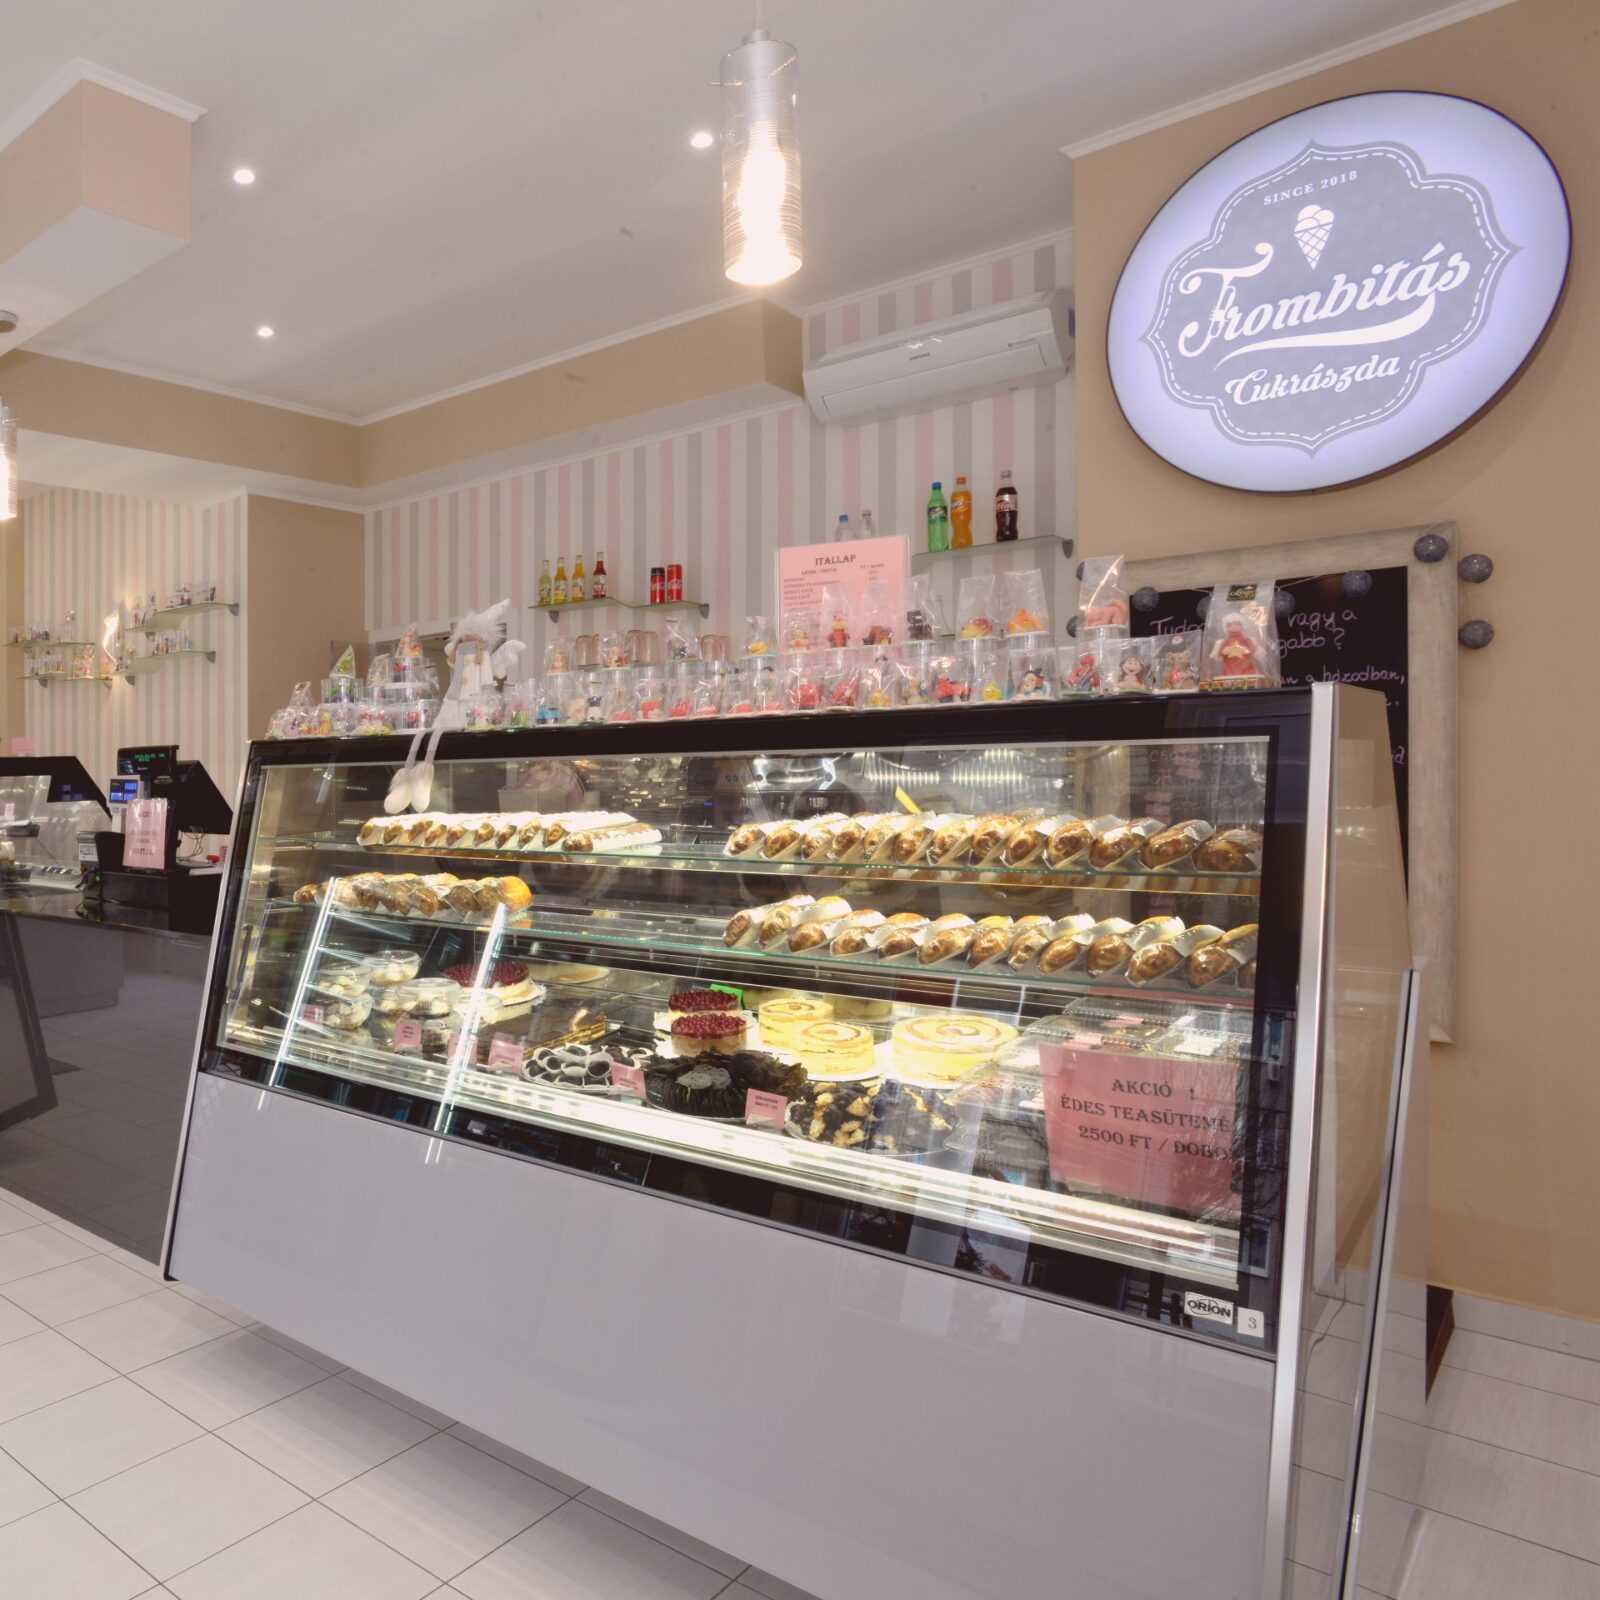 Cukrászda, Cukrászda XIII. kerület, Torta, sütemény, sós, édes, fagylalt, egyedi torta, formatorta